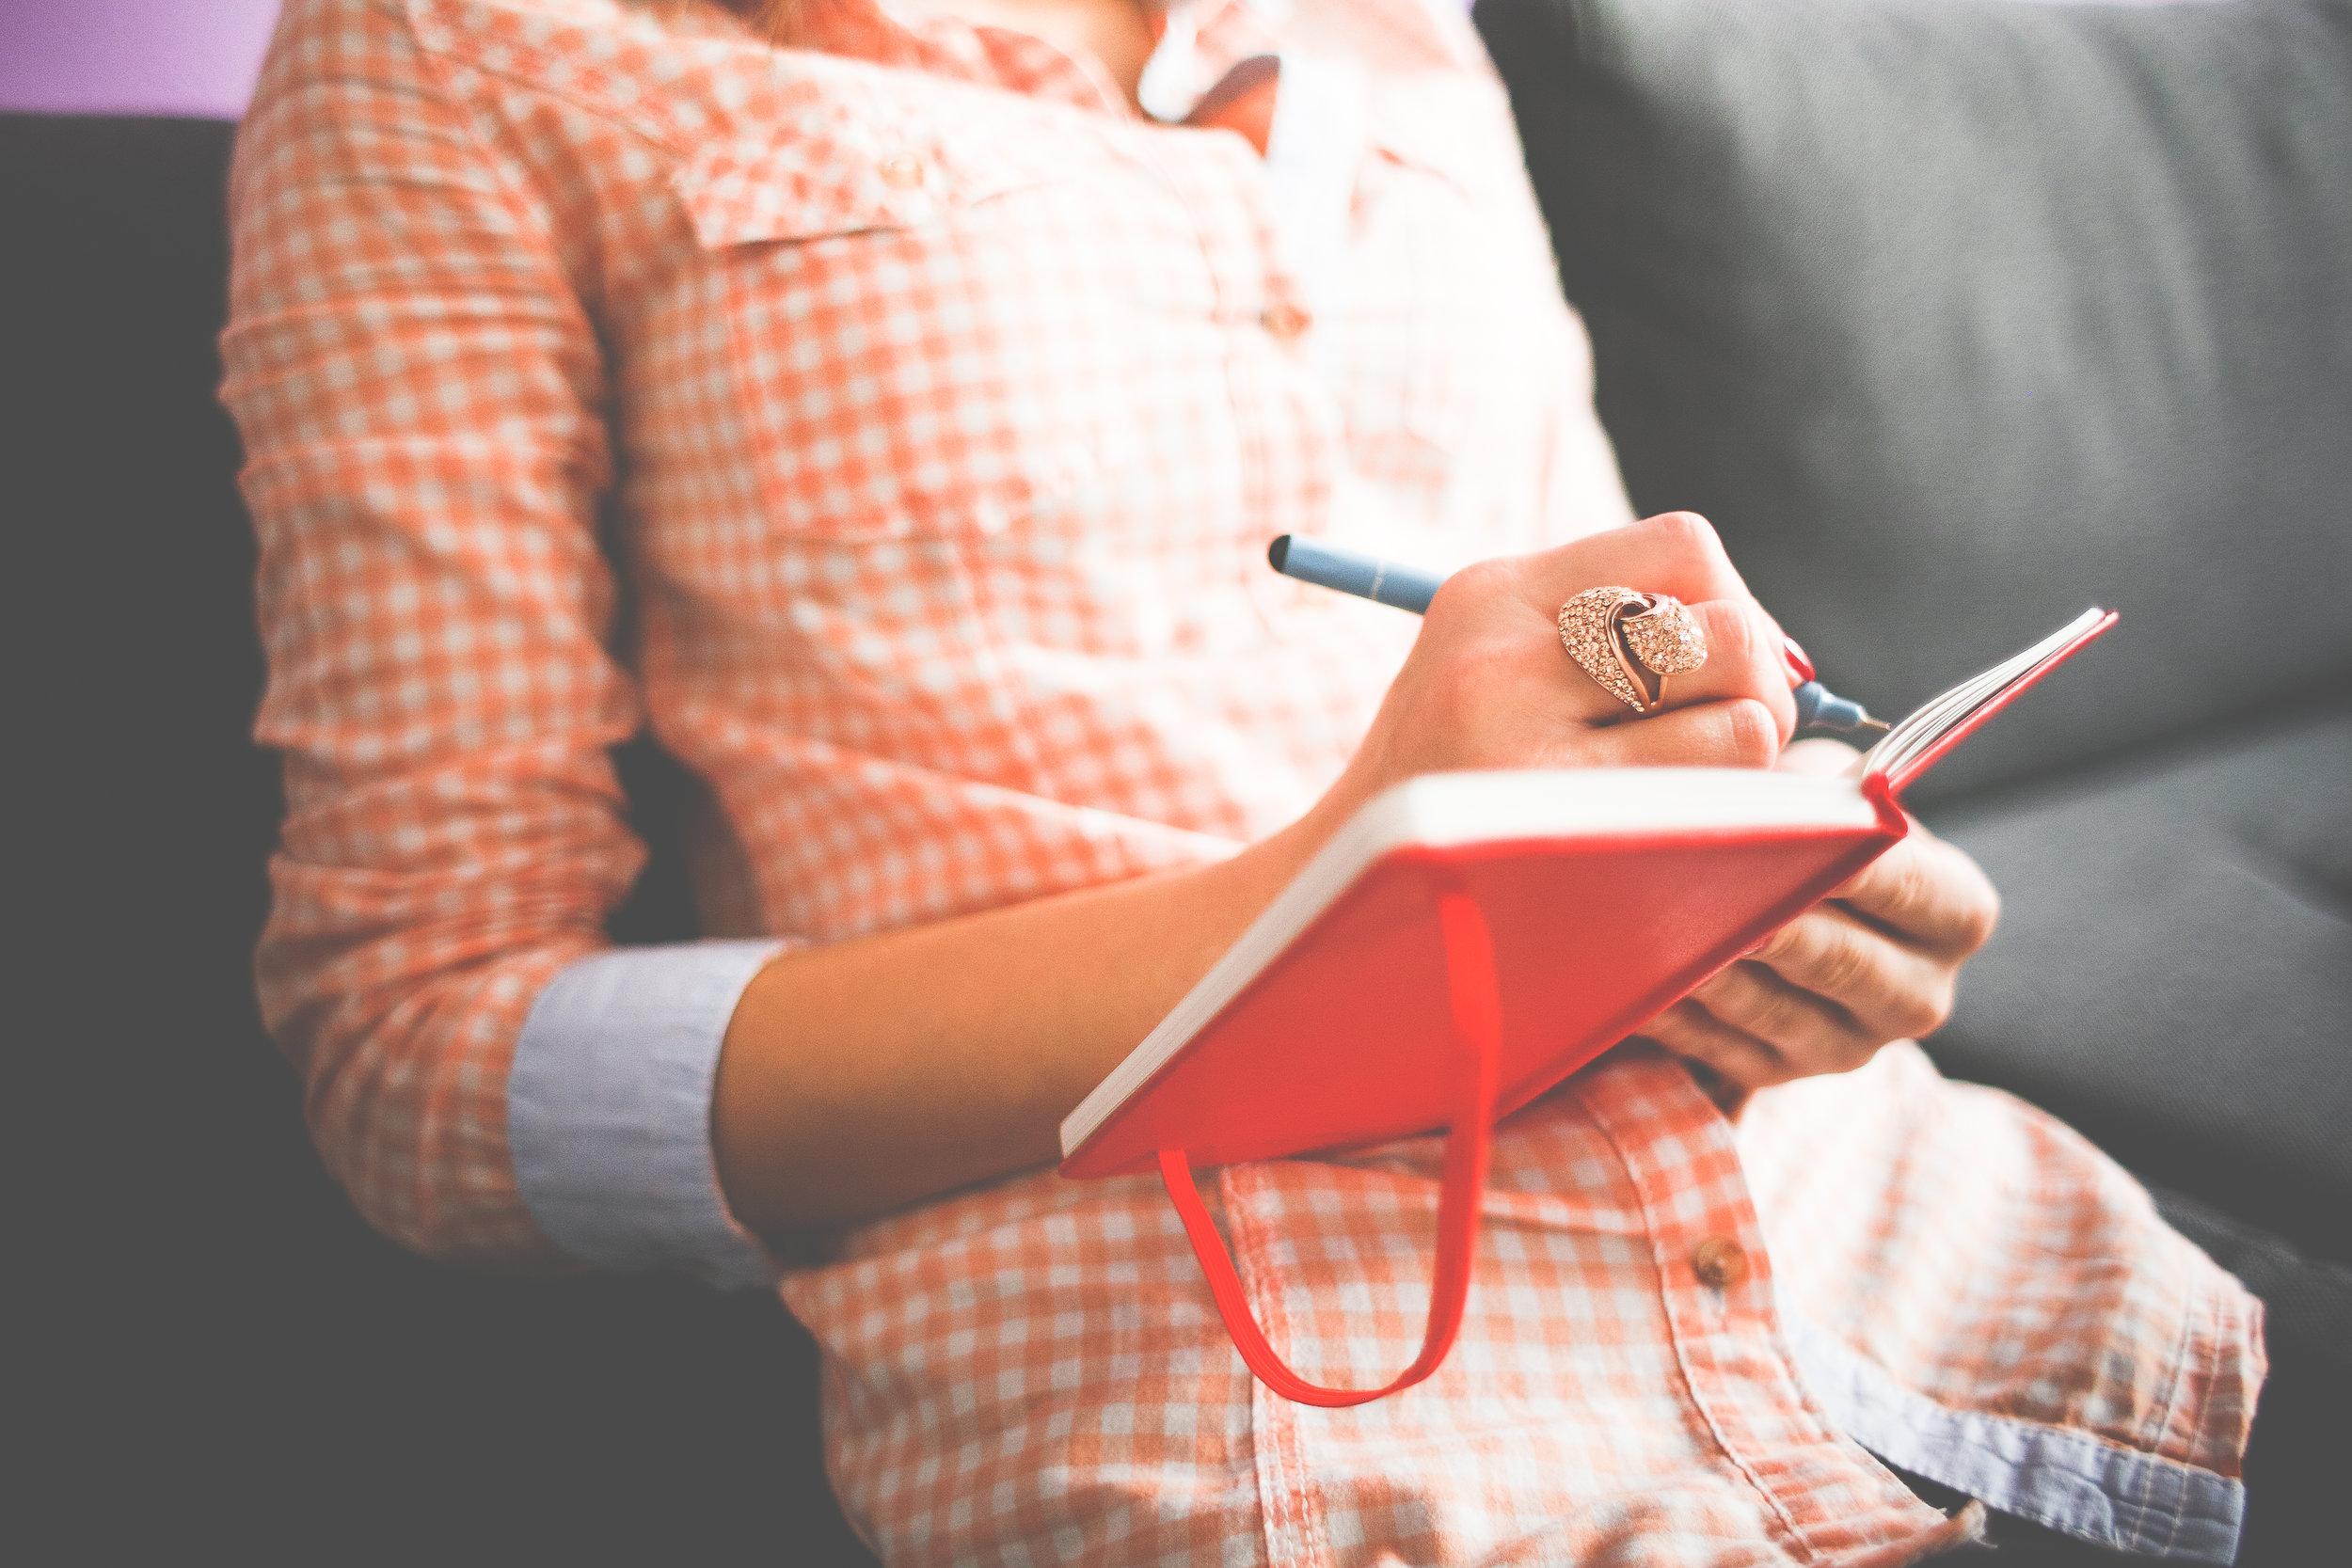 girl-writing-in-her-moleskine-diary-picjumbo-com.jpg